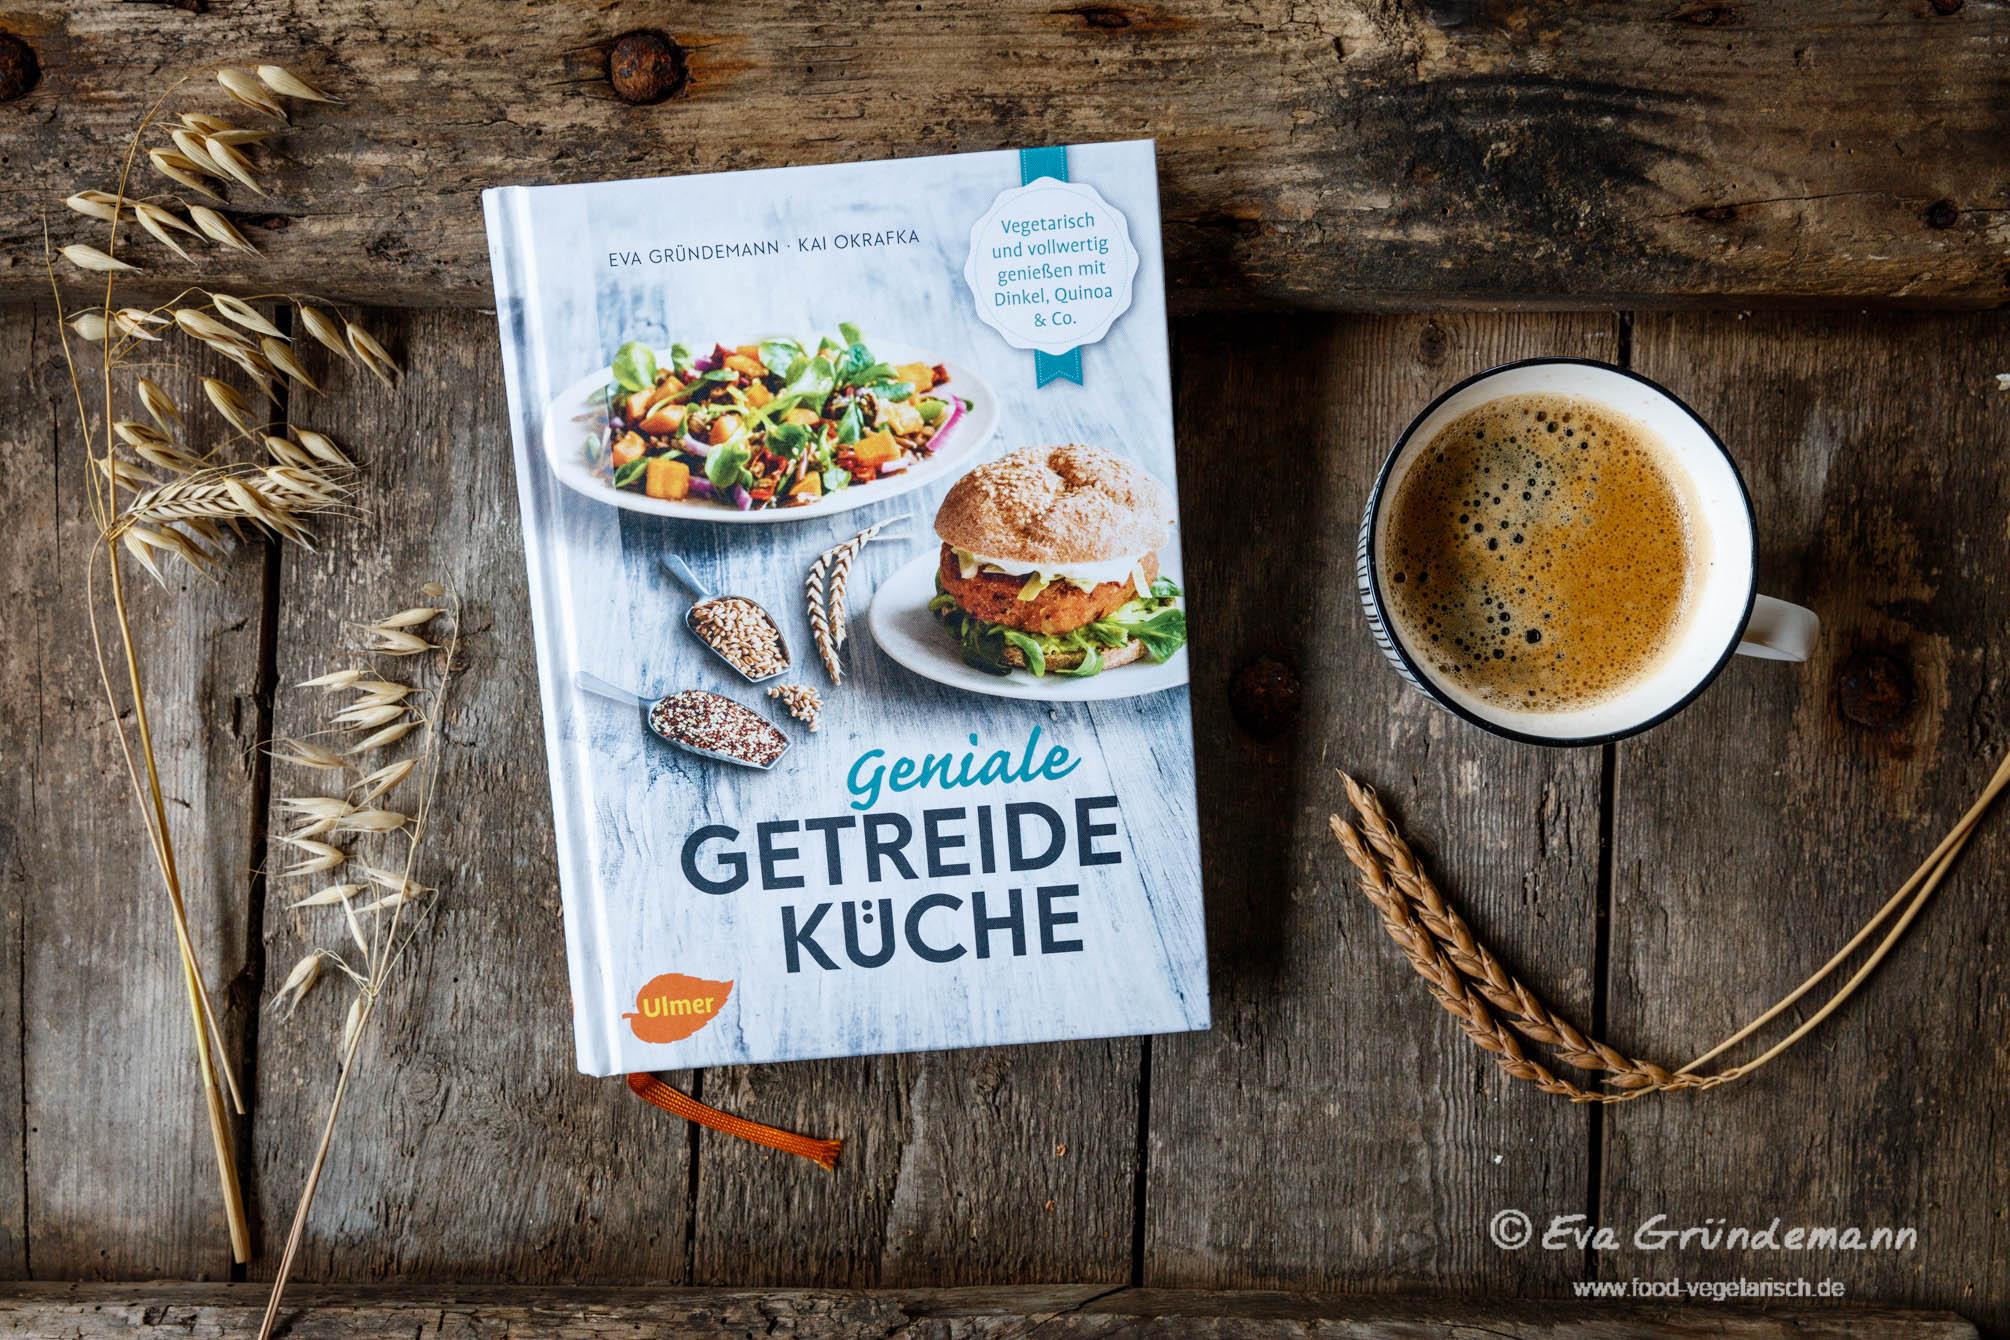 Kochbuch Geniale Getreideküche